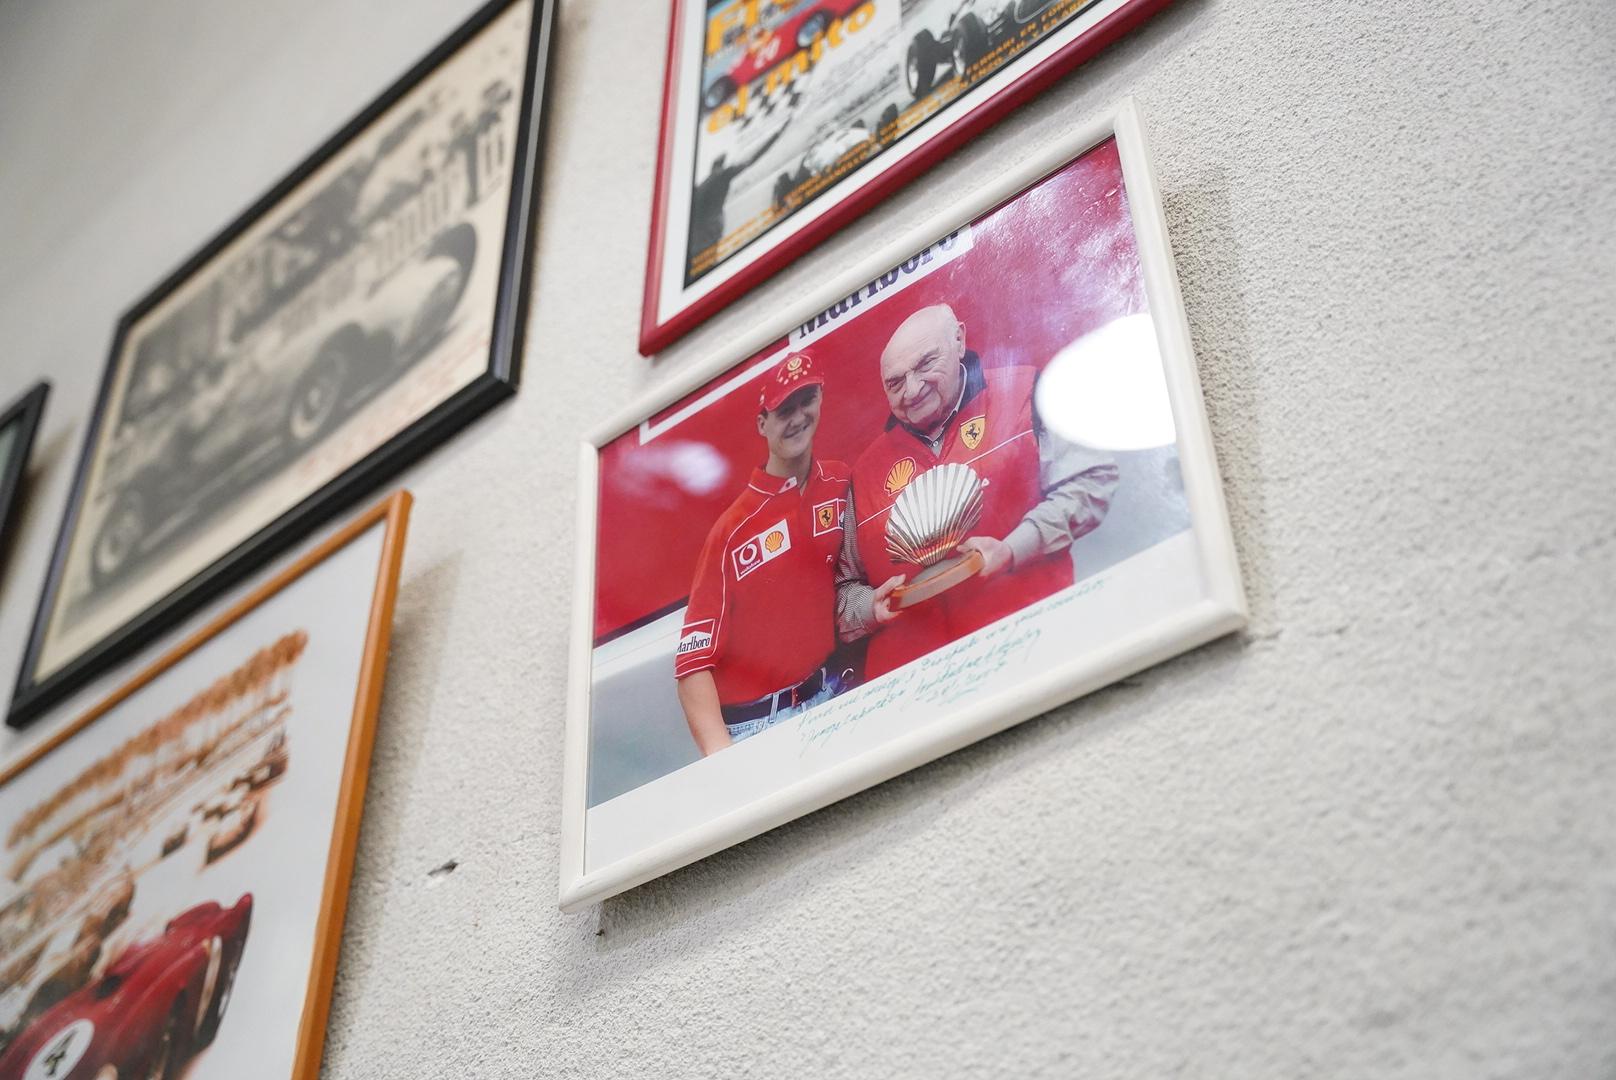 Cuadros que ilustran la campaña de Cupeiro y de sus amigos en el automovilismo. Entre ellos, José Froilán González junto a Michael Schumacher. Pepe importó el Chevytú de USA y con ese coche Cupeiro se lució en el TC.